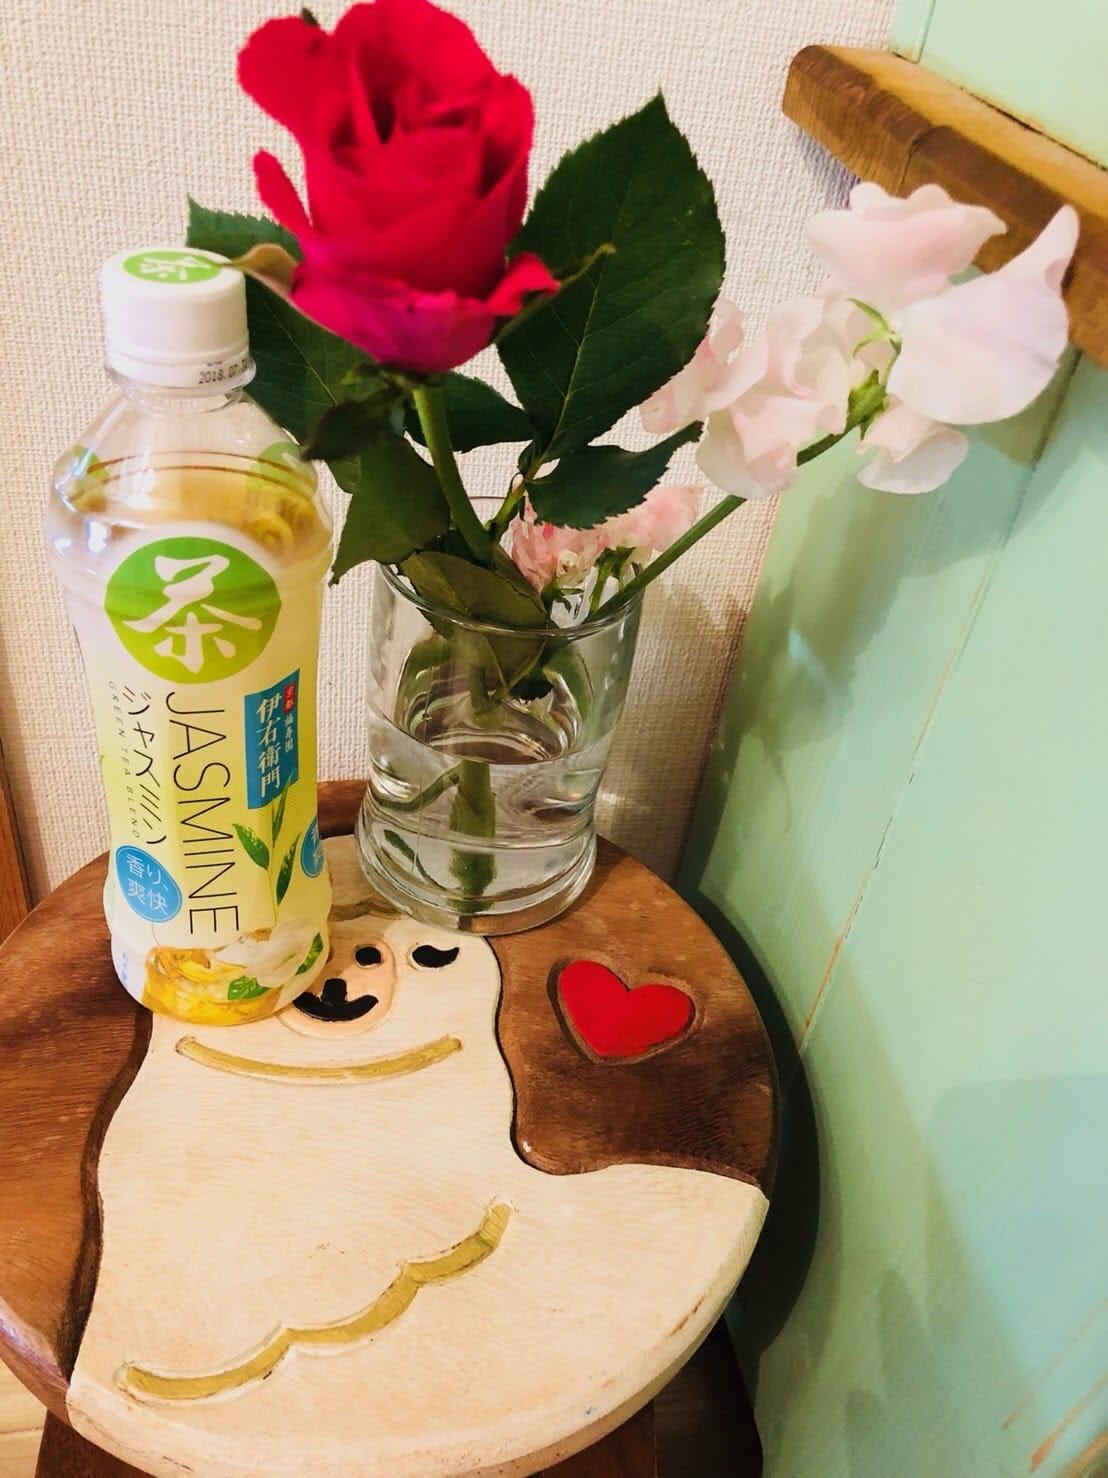 「美千代です(*'▽'*)」03/17(03/17) 15:11 | 山崎 美千代の写メ・風俗動画